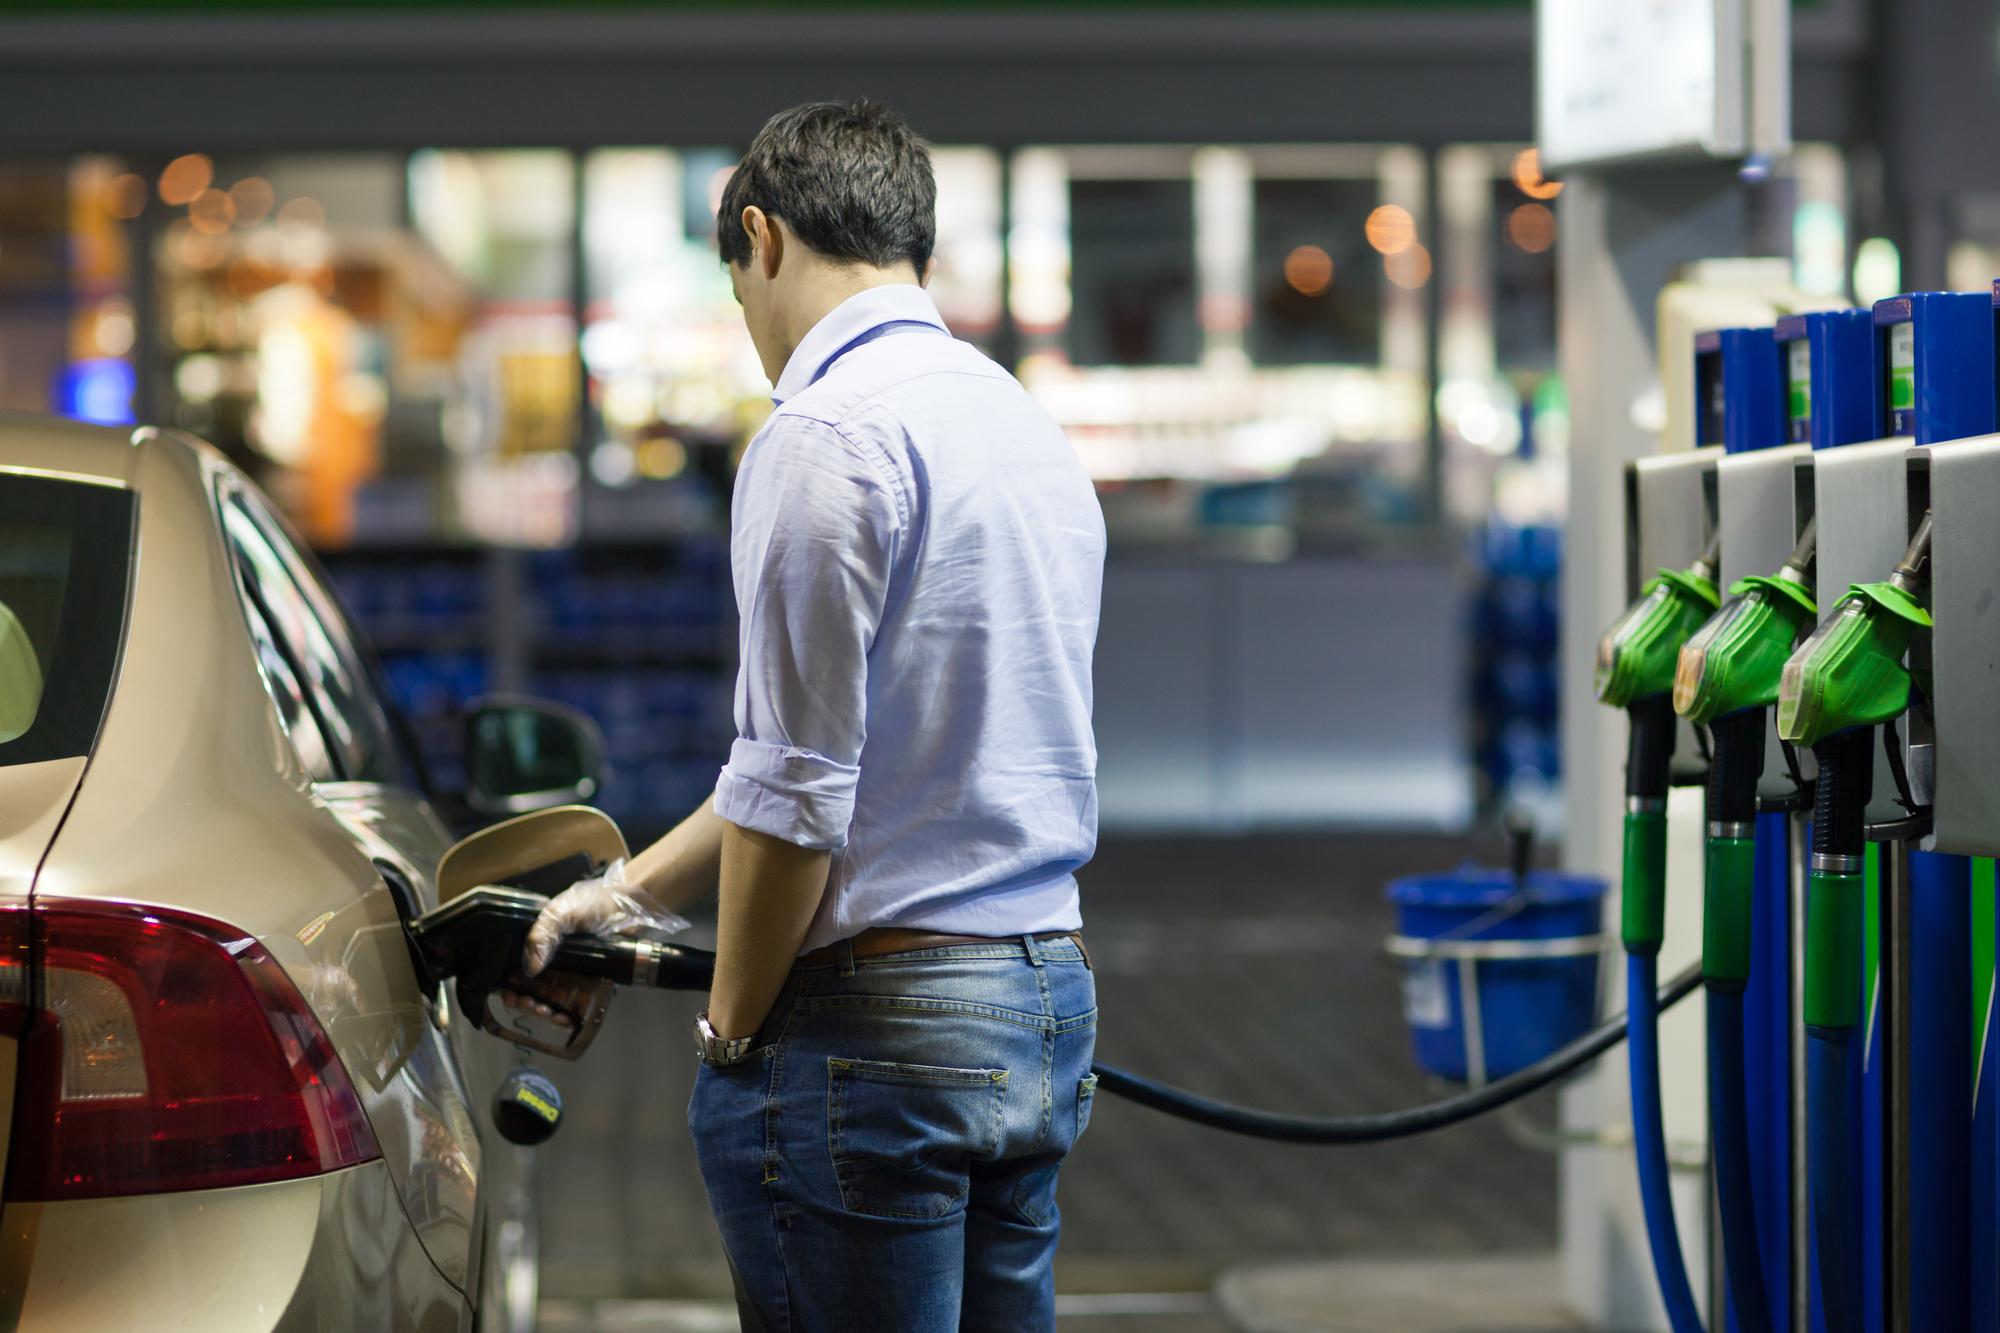 Ціни на бензин в Україні - що буде в листопаді - новини України | СЬОГОДНІ